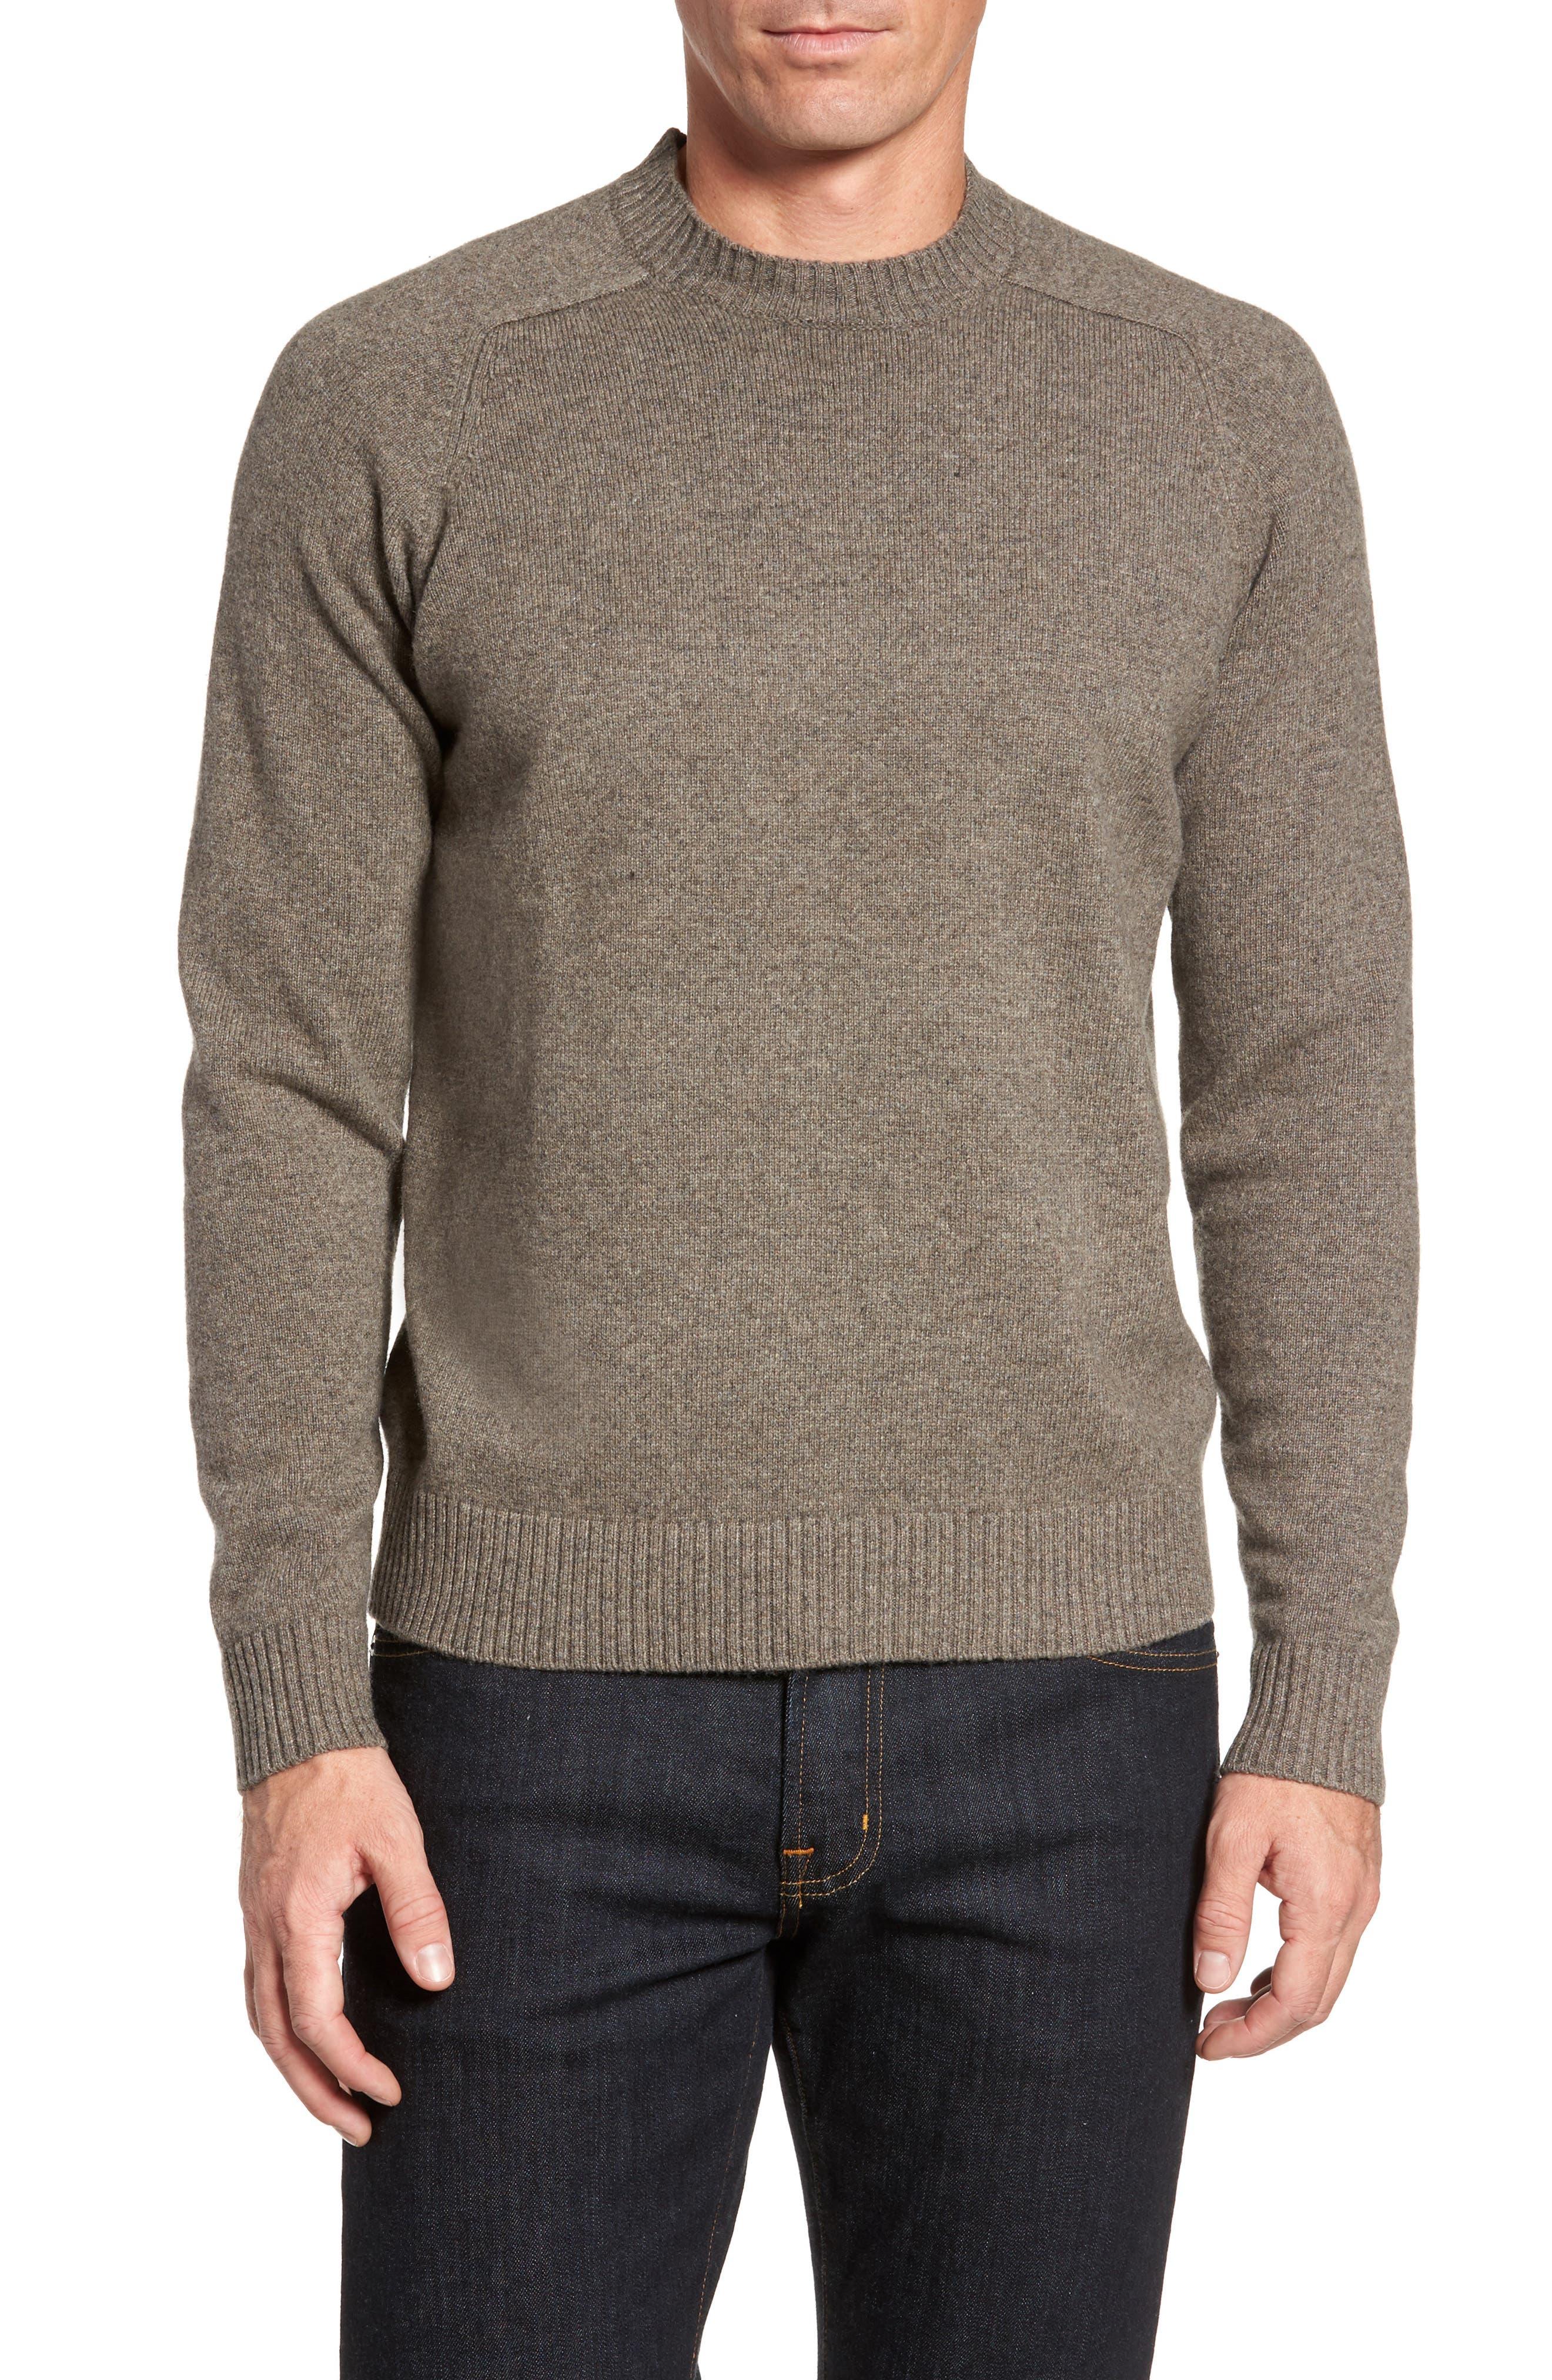 Crown Vintage Crewneck Sweatshirt,                         Main,                         color, 199